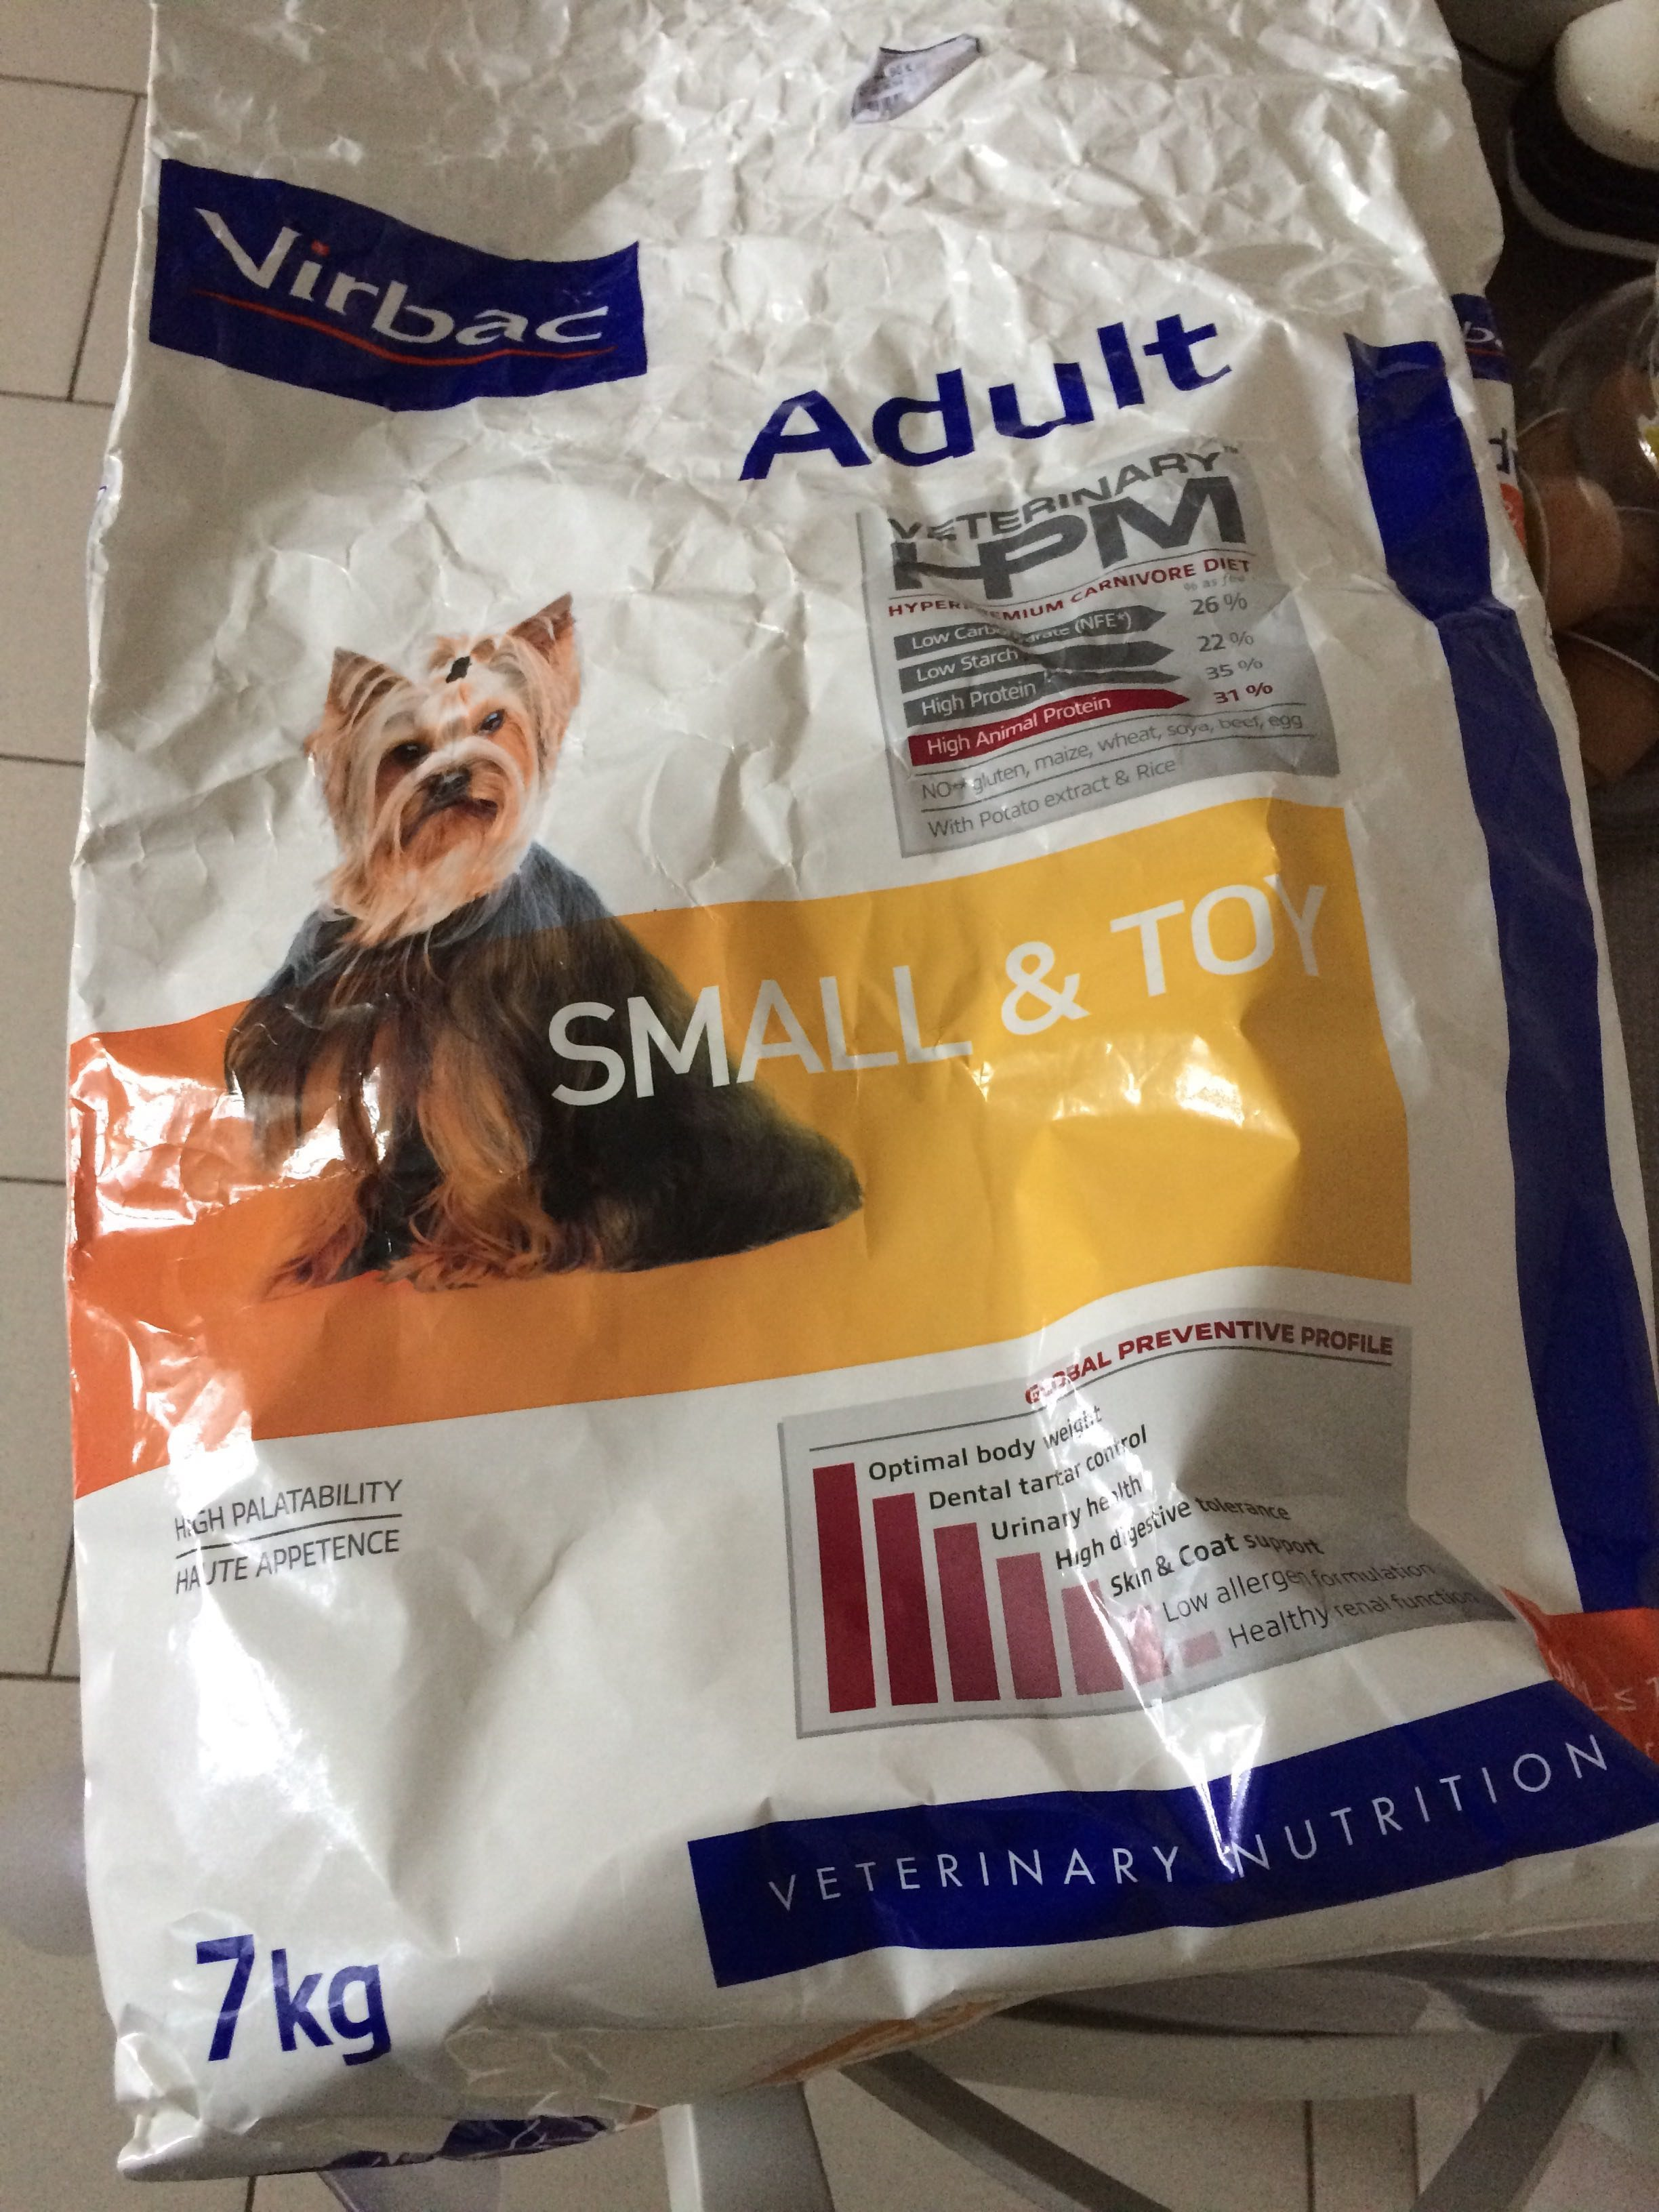 Vétérinaire home adulte - Product - fr